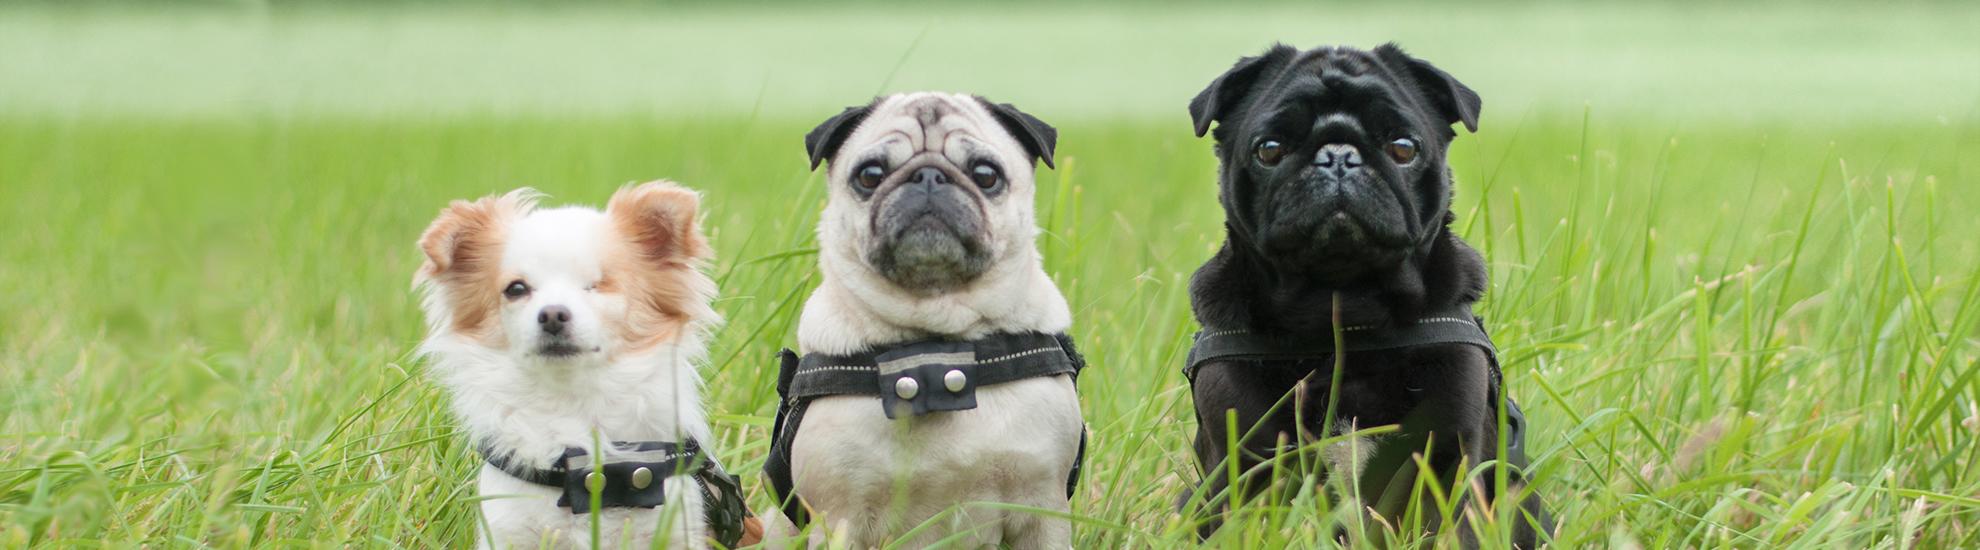 3 Hunde der Tierheilpraxis auf Wiese